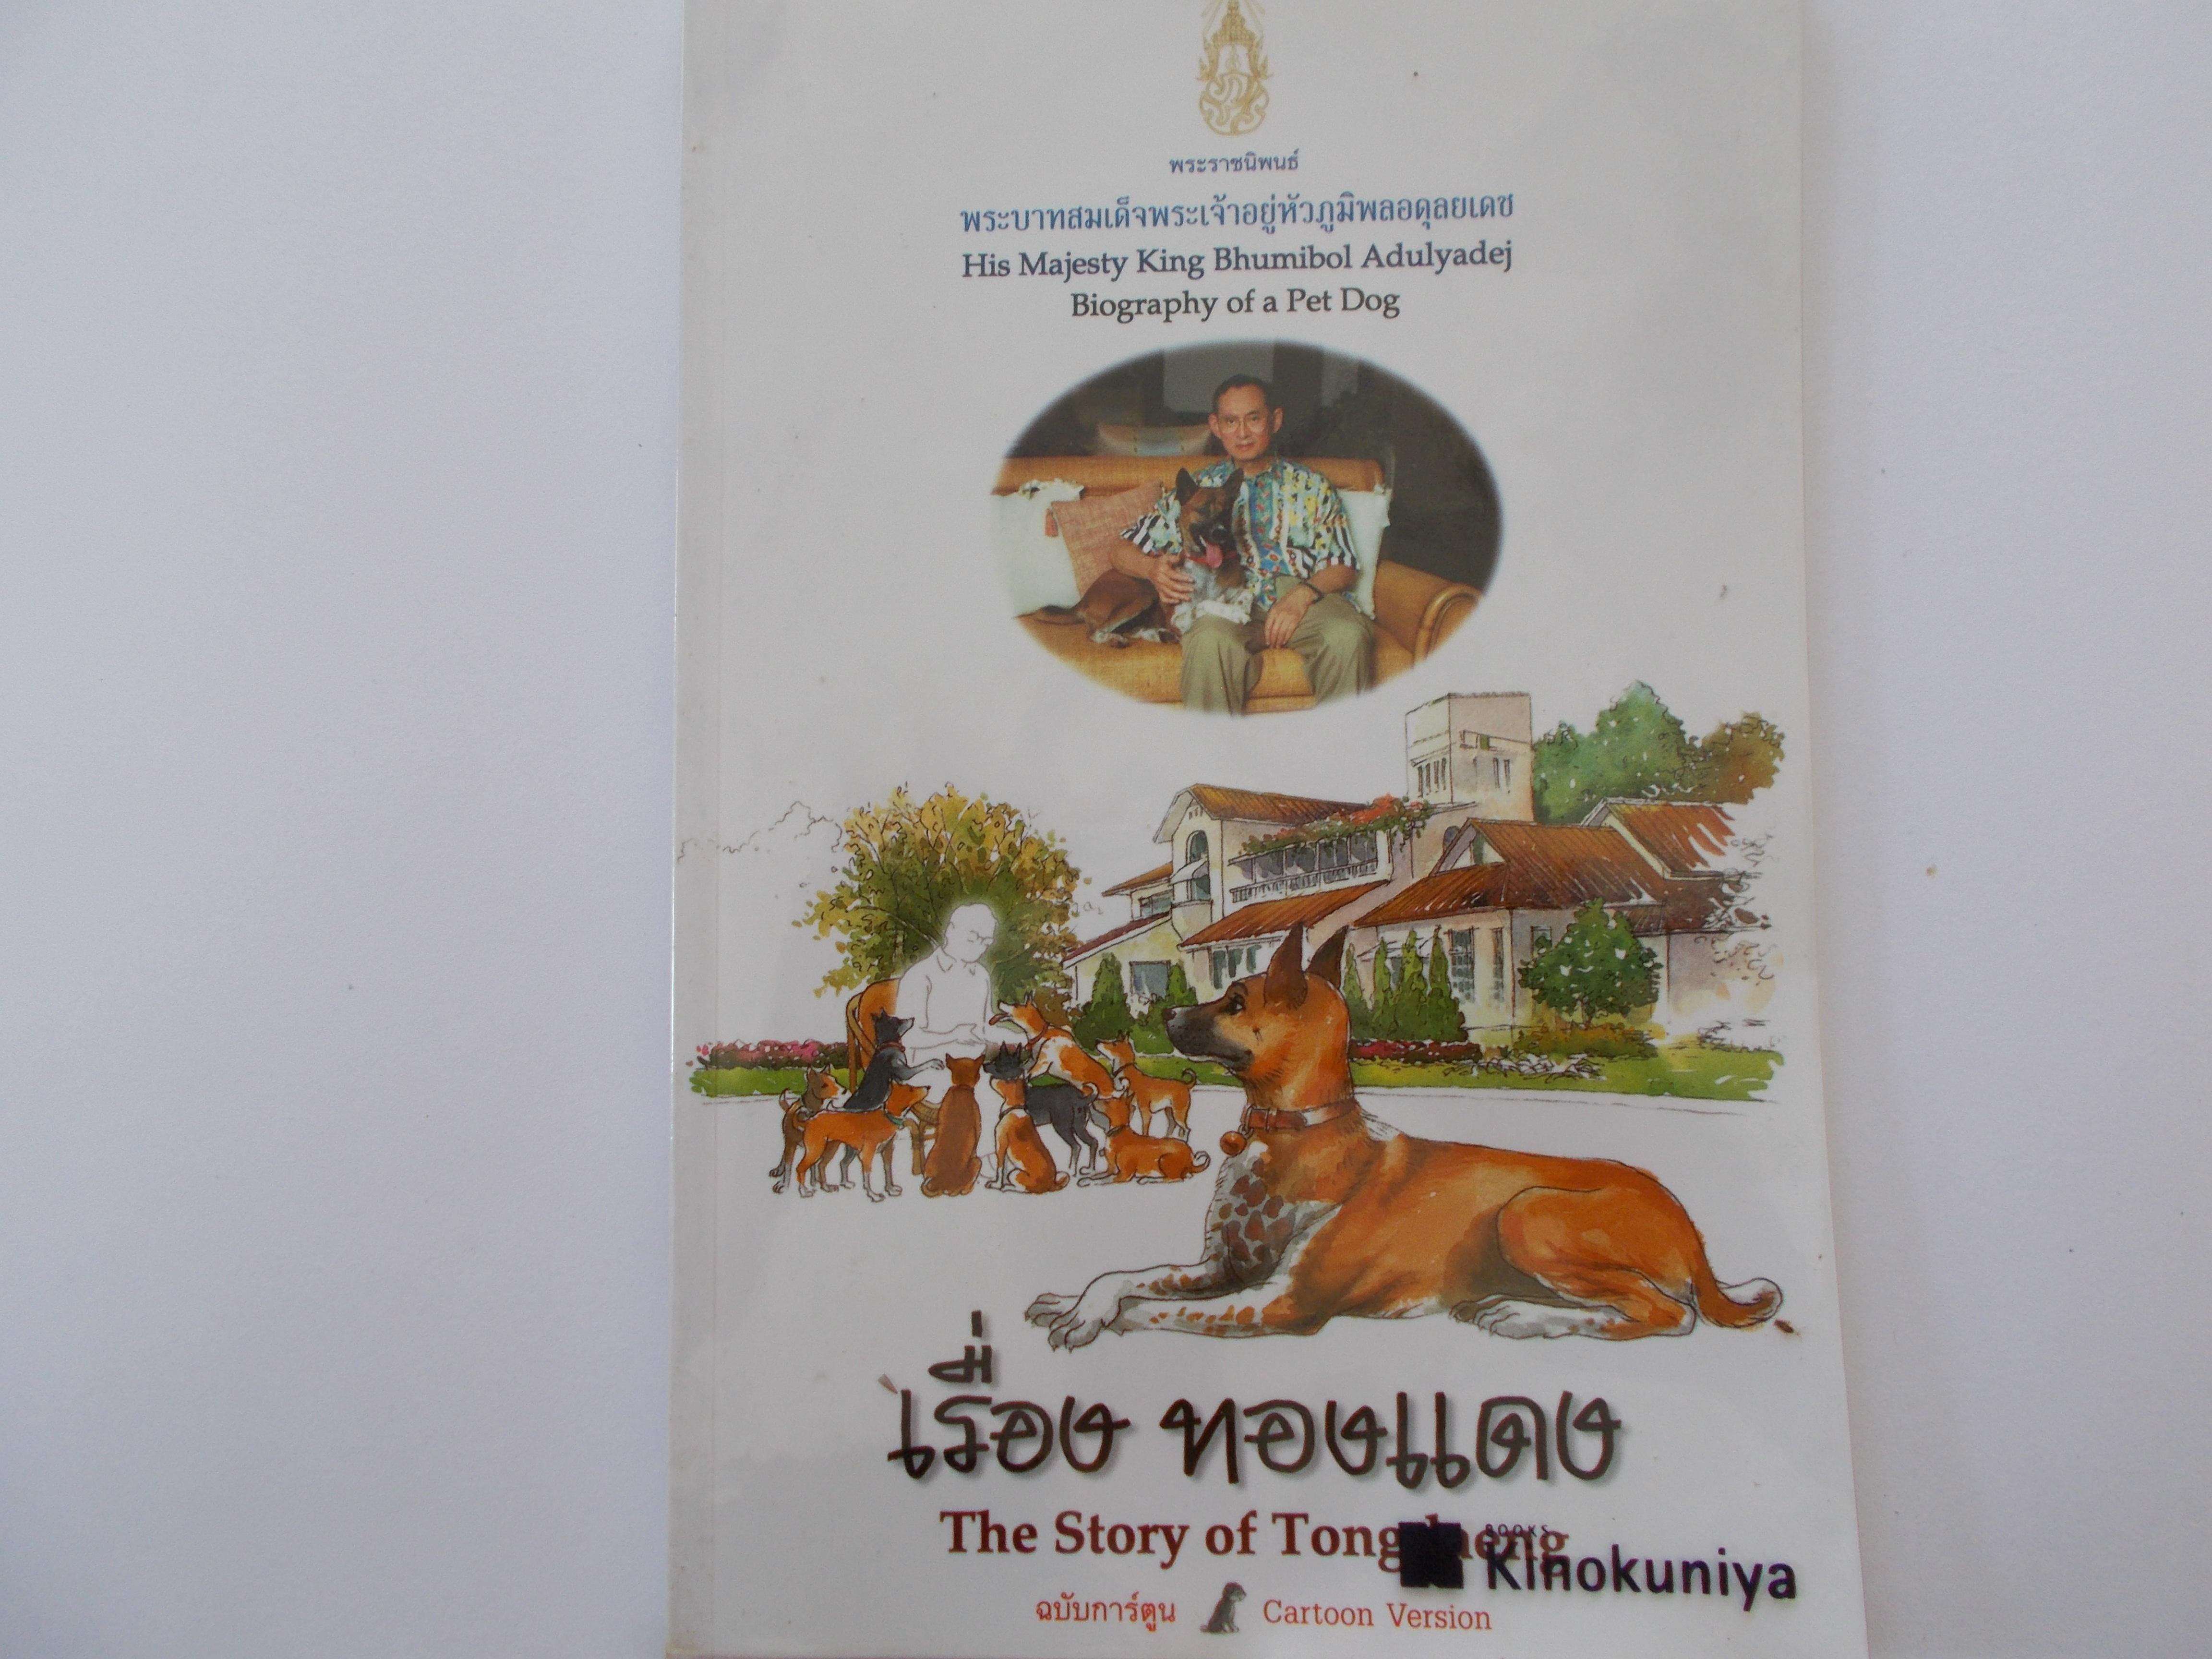 พระราชนิพนธ์ เรื่่องทองแดง The Story Of Thongdaeng ฉบับการ์ตูน